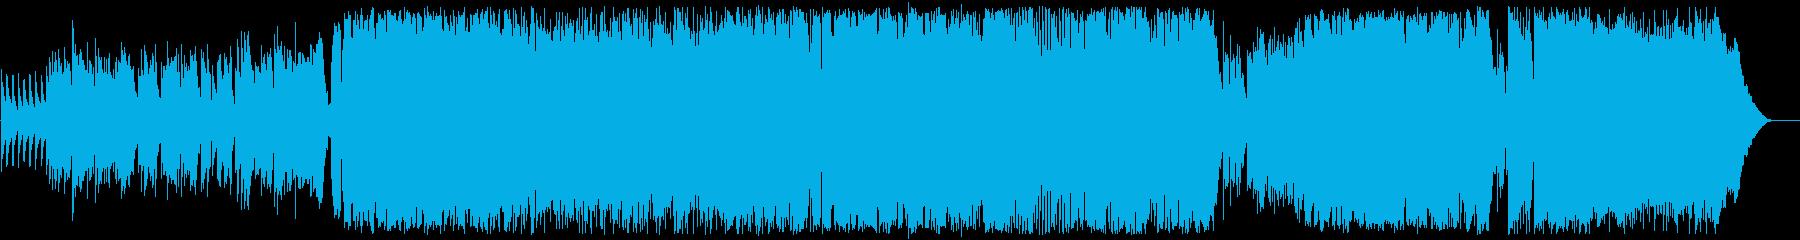 メロディが印象的なバラードの再生済みの波形